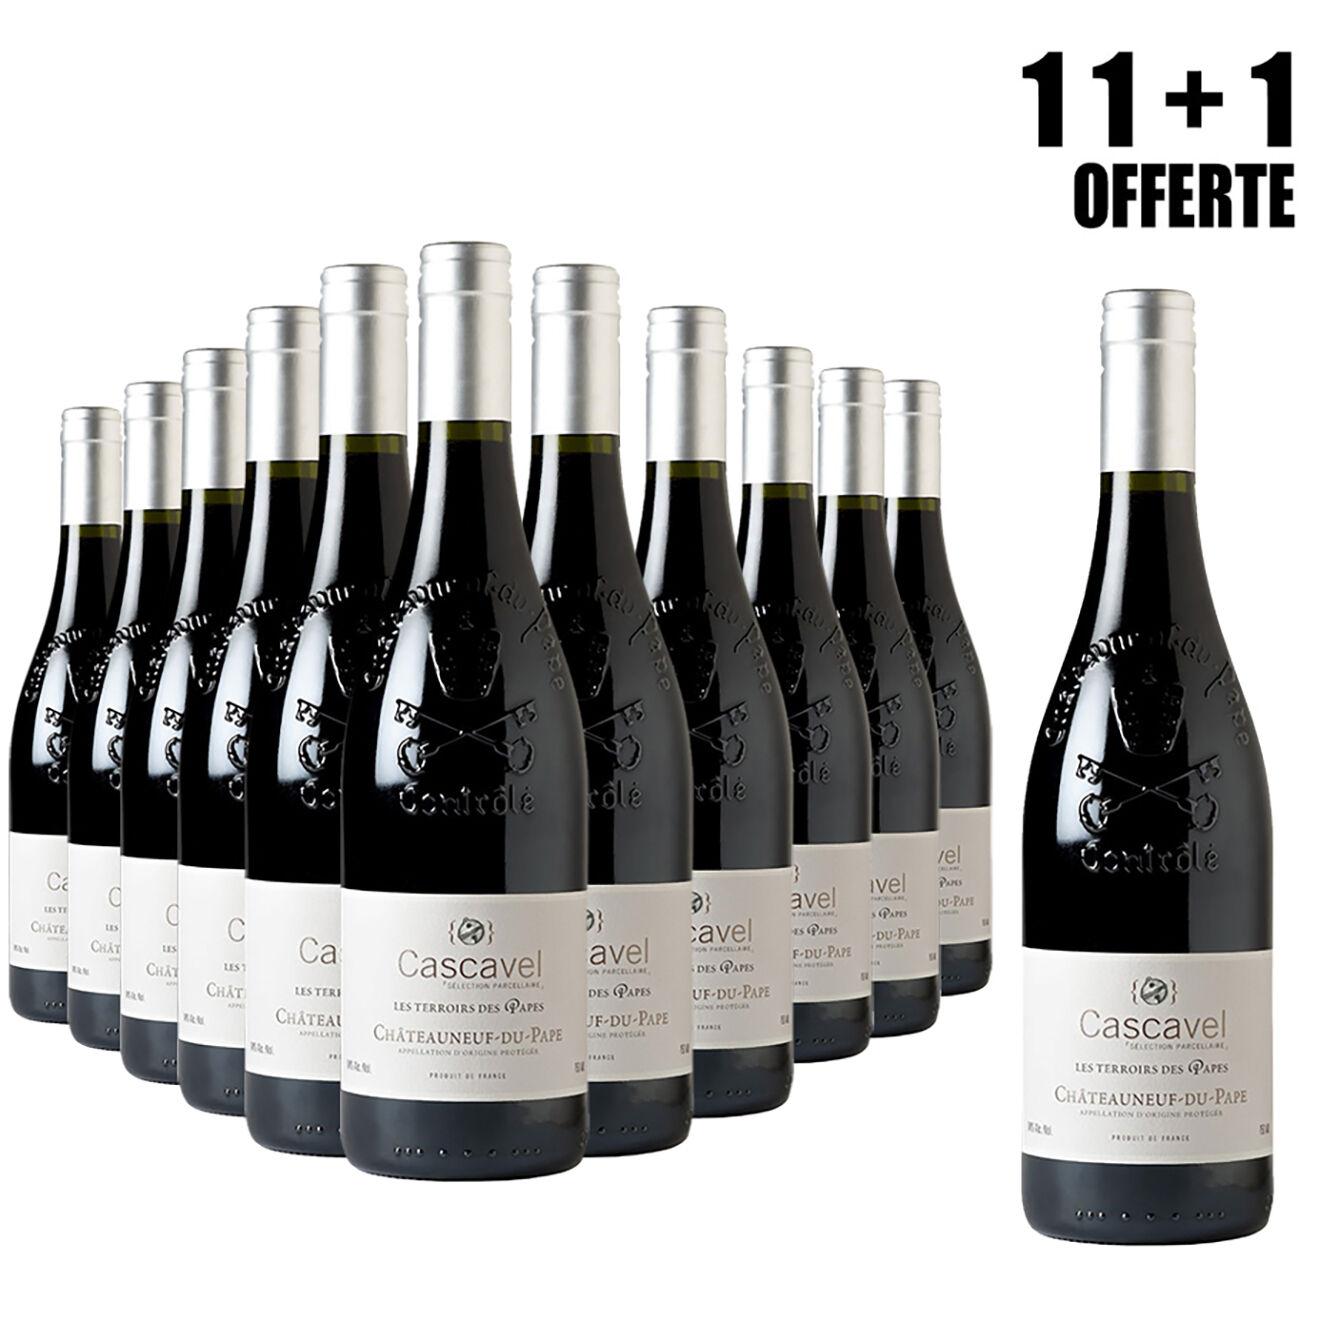 Lot de 11 Châteauneuf-du-Pape Terroirs du Pape 2014 Cascavel 75cl + 1 Offerte